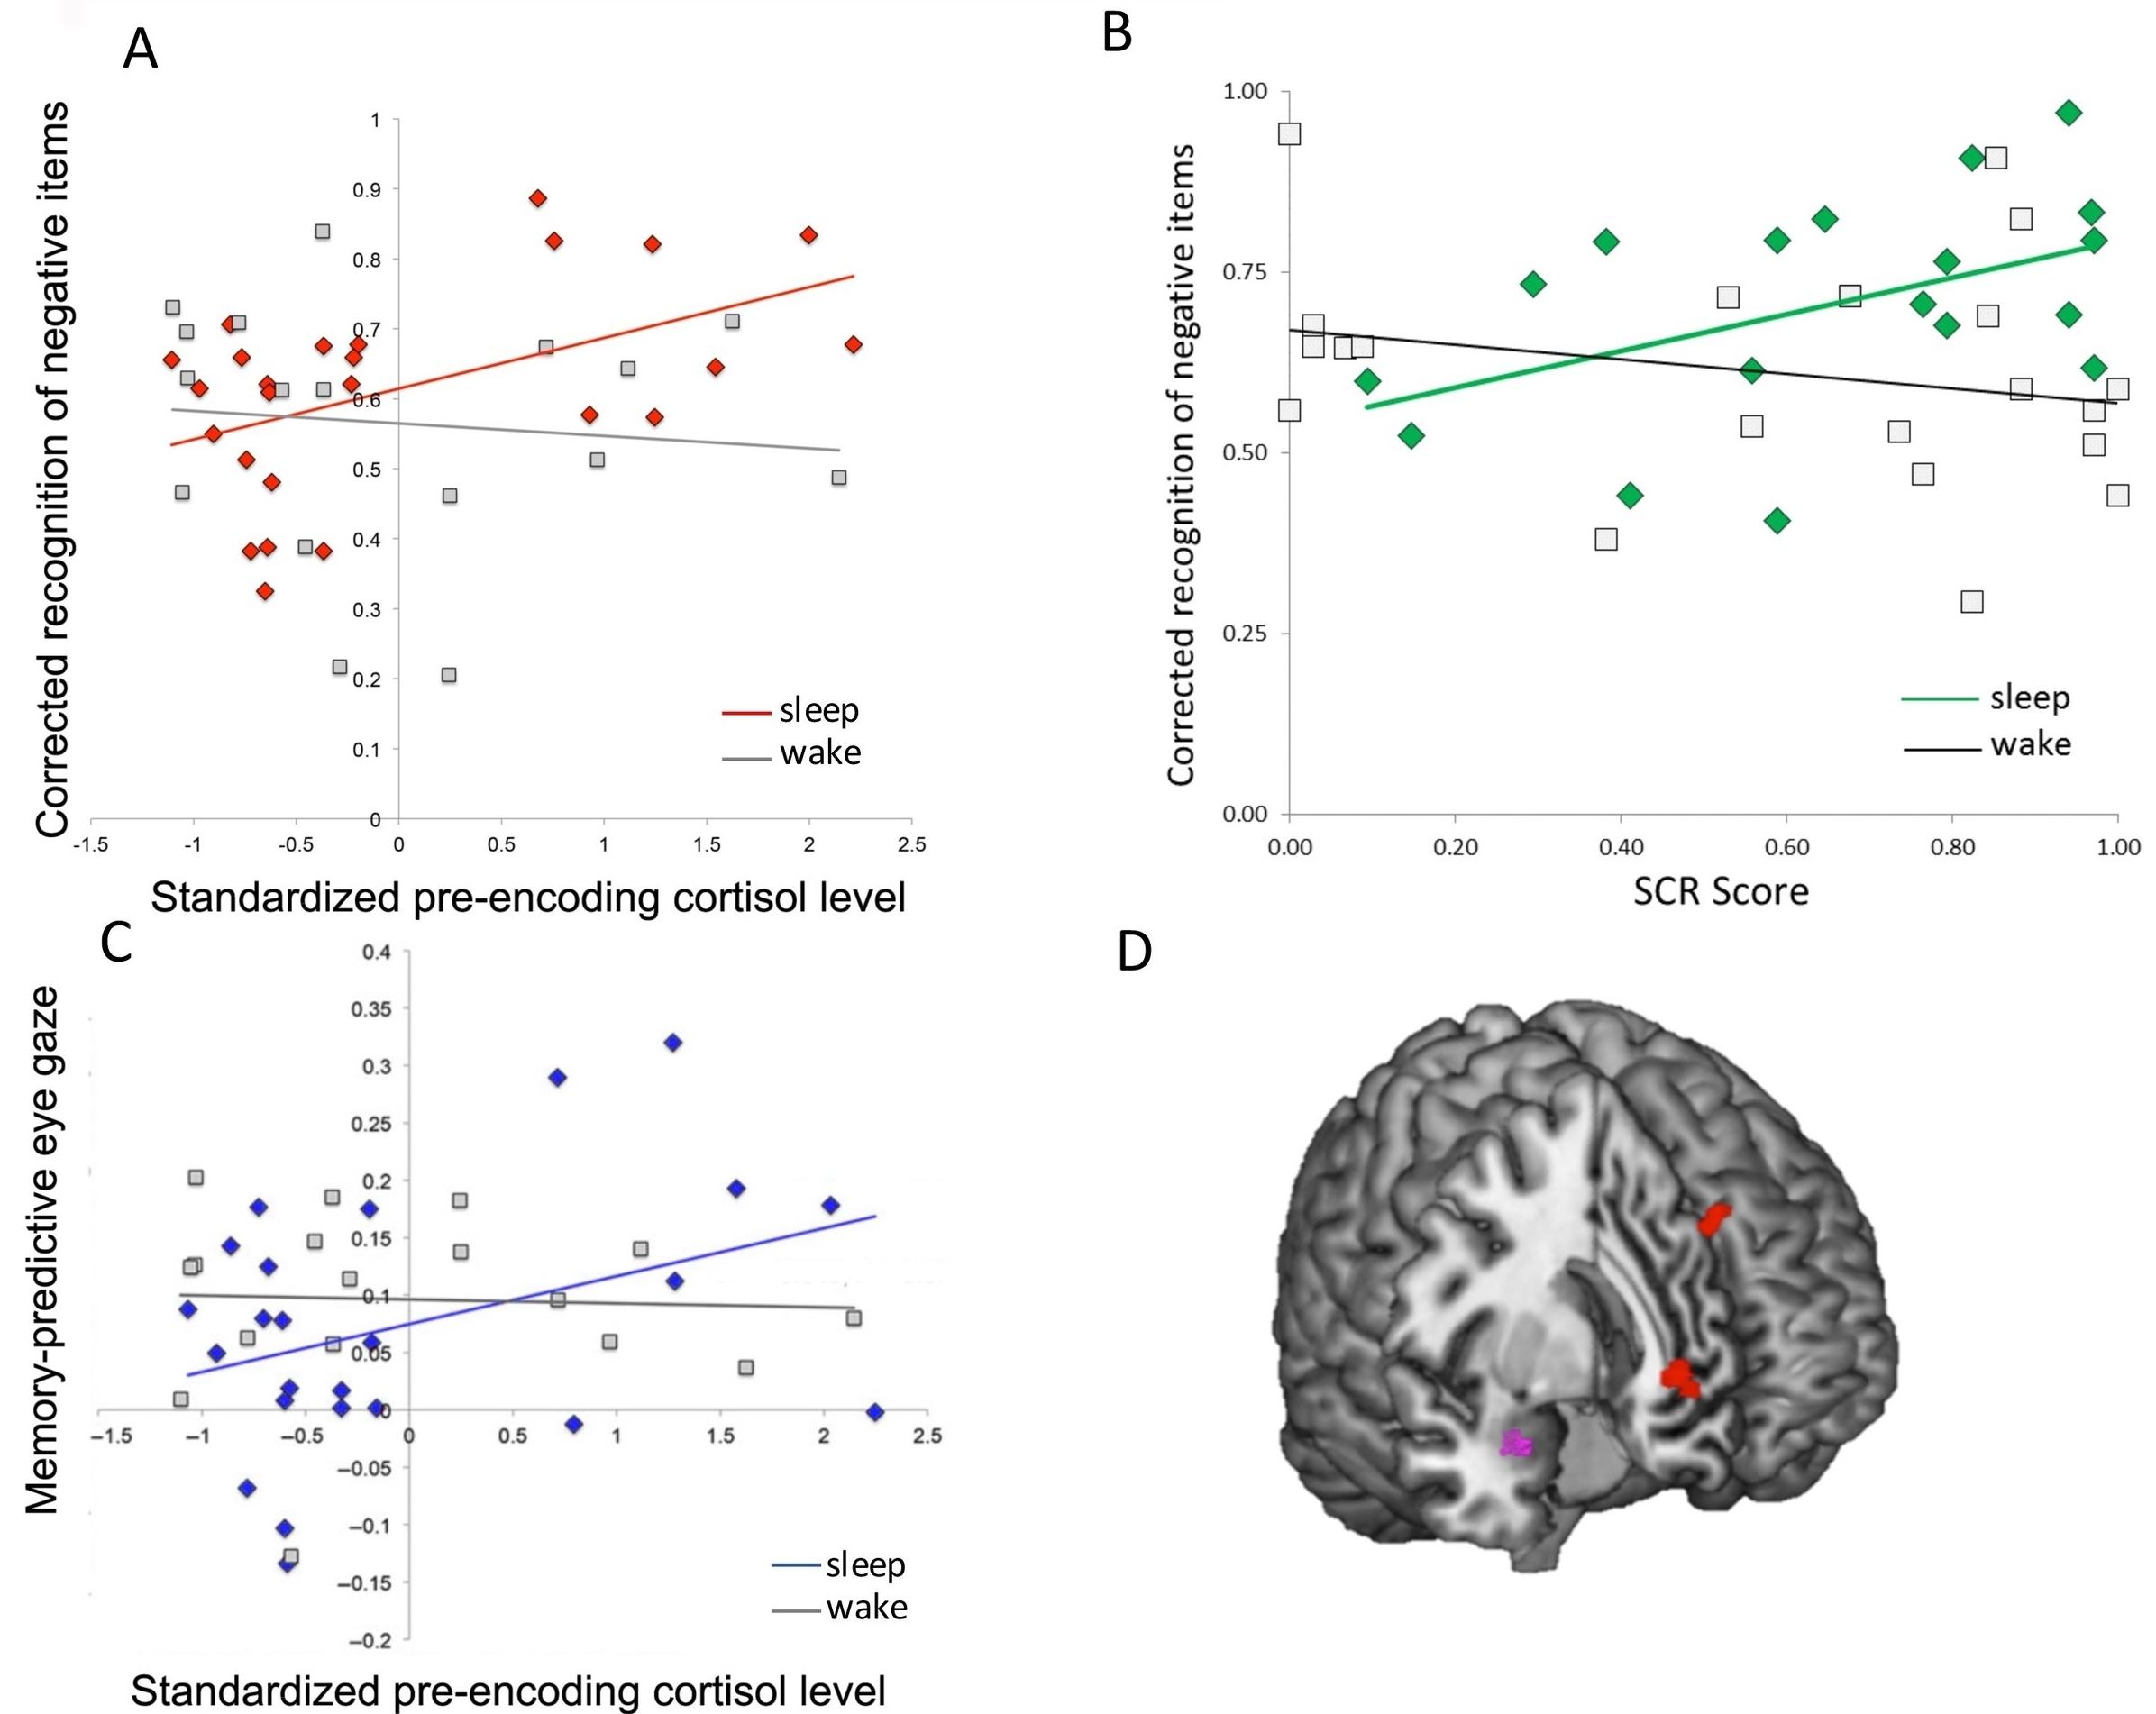 Cunningham et al.,2014 (B) and Bennion et al., 2015 (A,C,D)